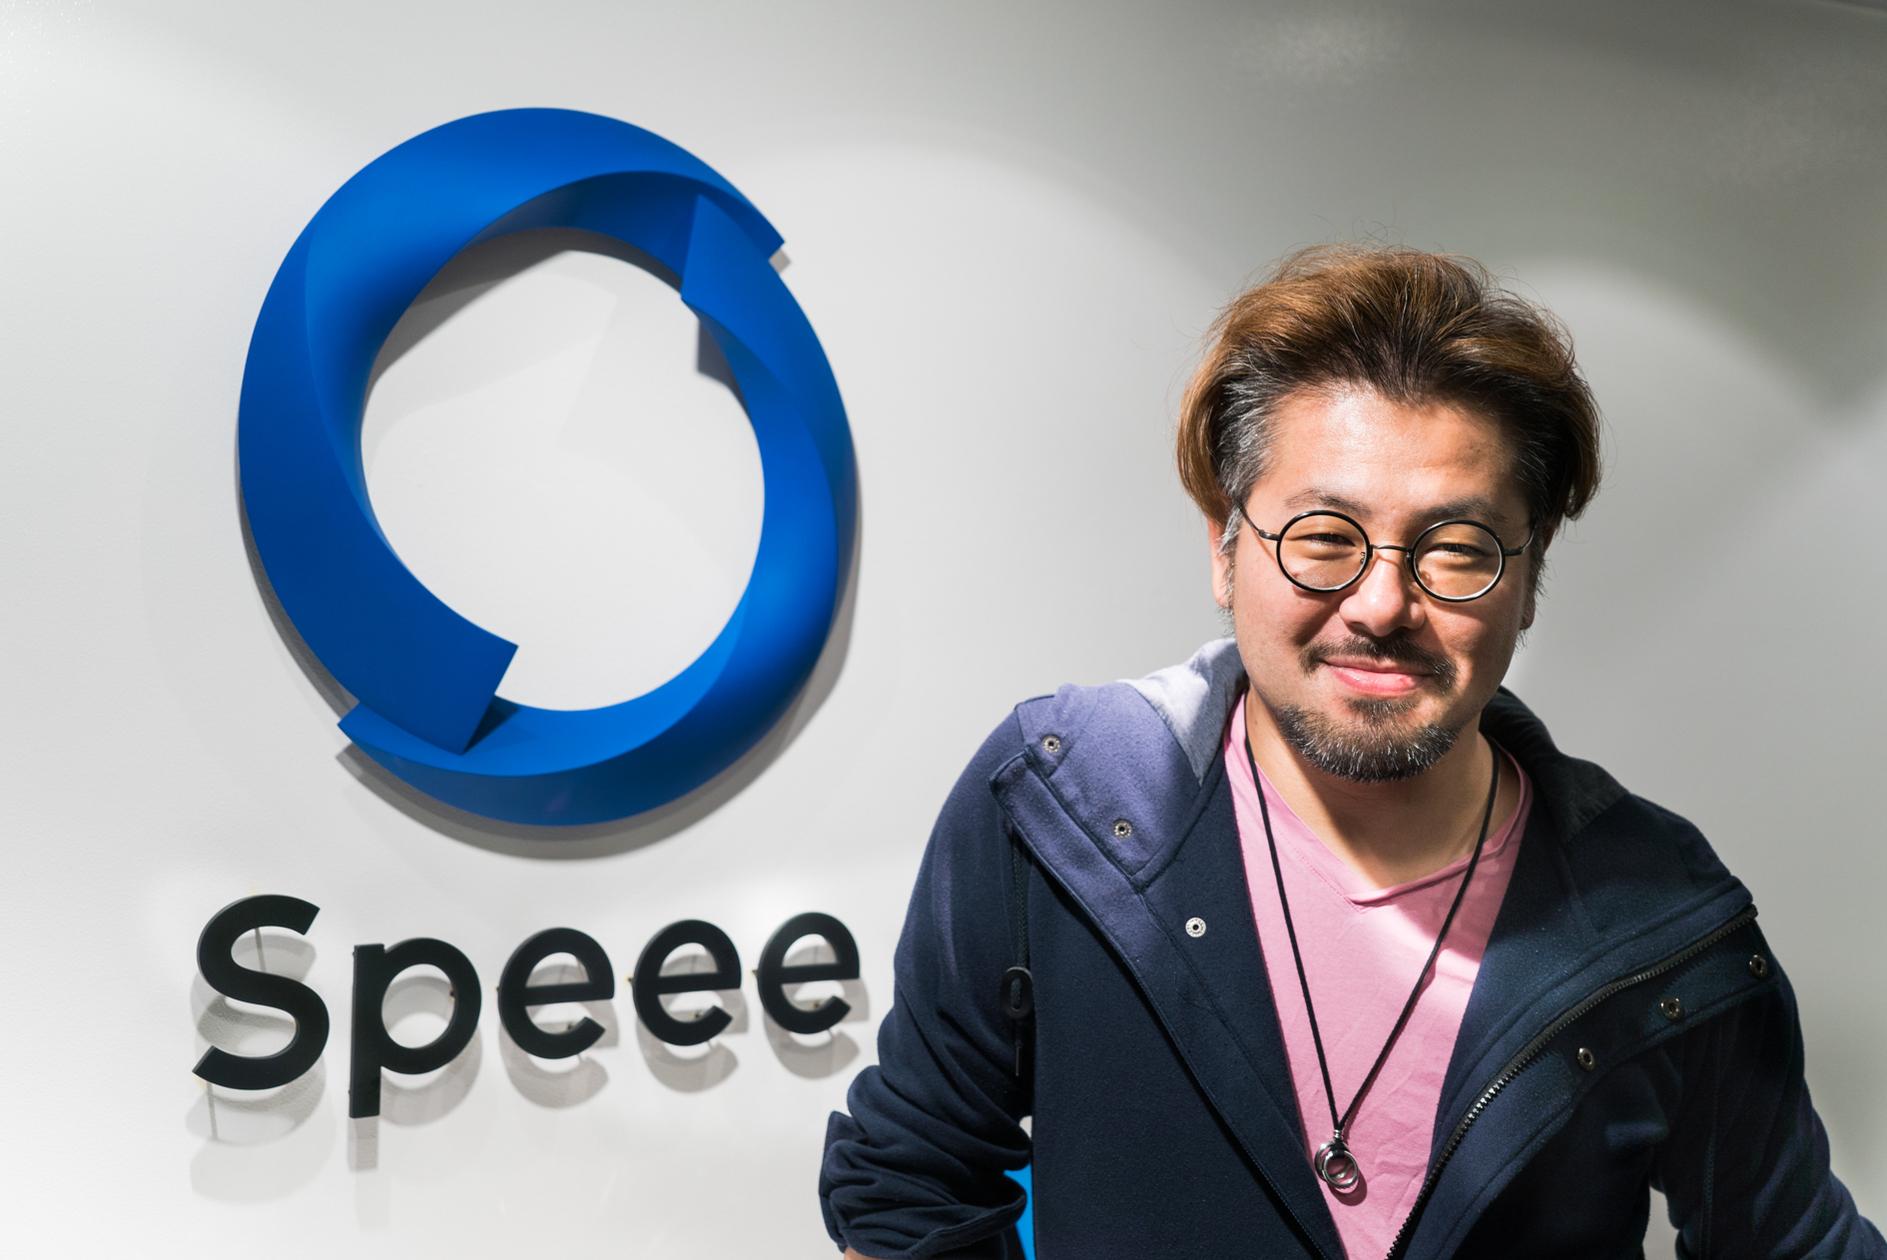 """10社渡り歩いた""""組織に依存しない男""""はなぜSpeeeで働くのか -- Speee 是澤氏の考える企業とエンジニアとの幸福な関係"""